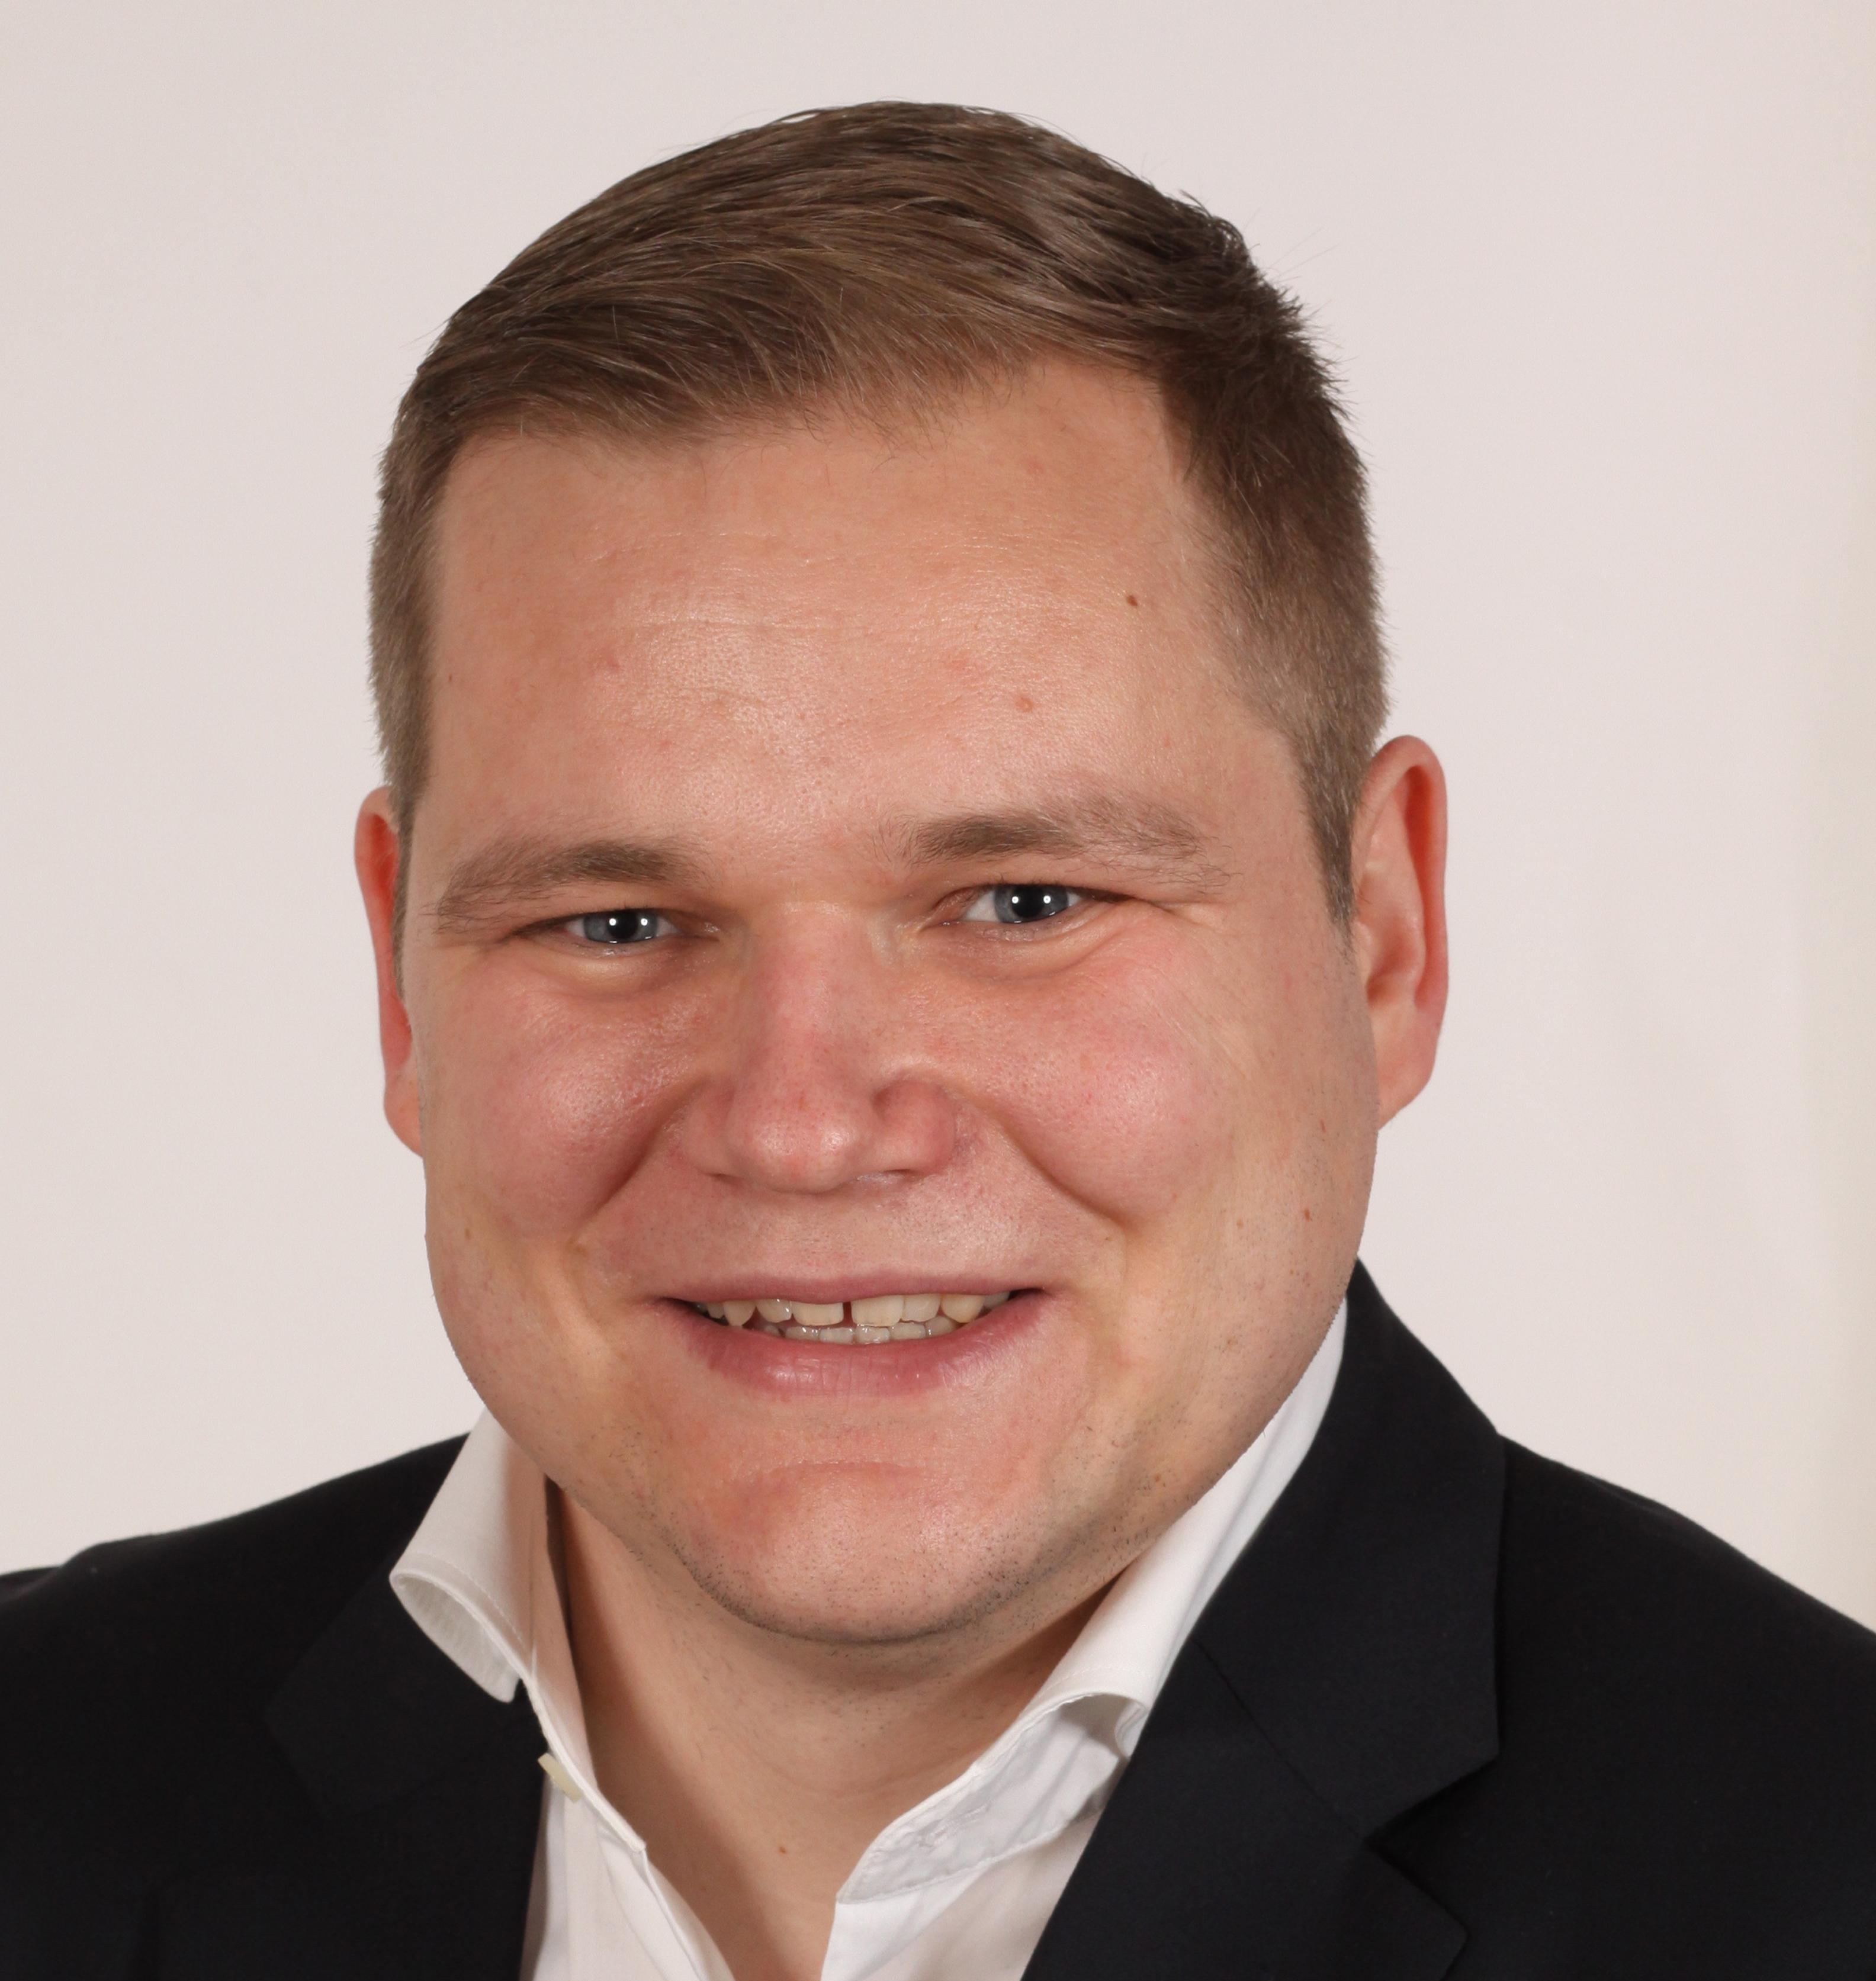 Karsten Wanner